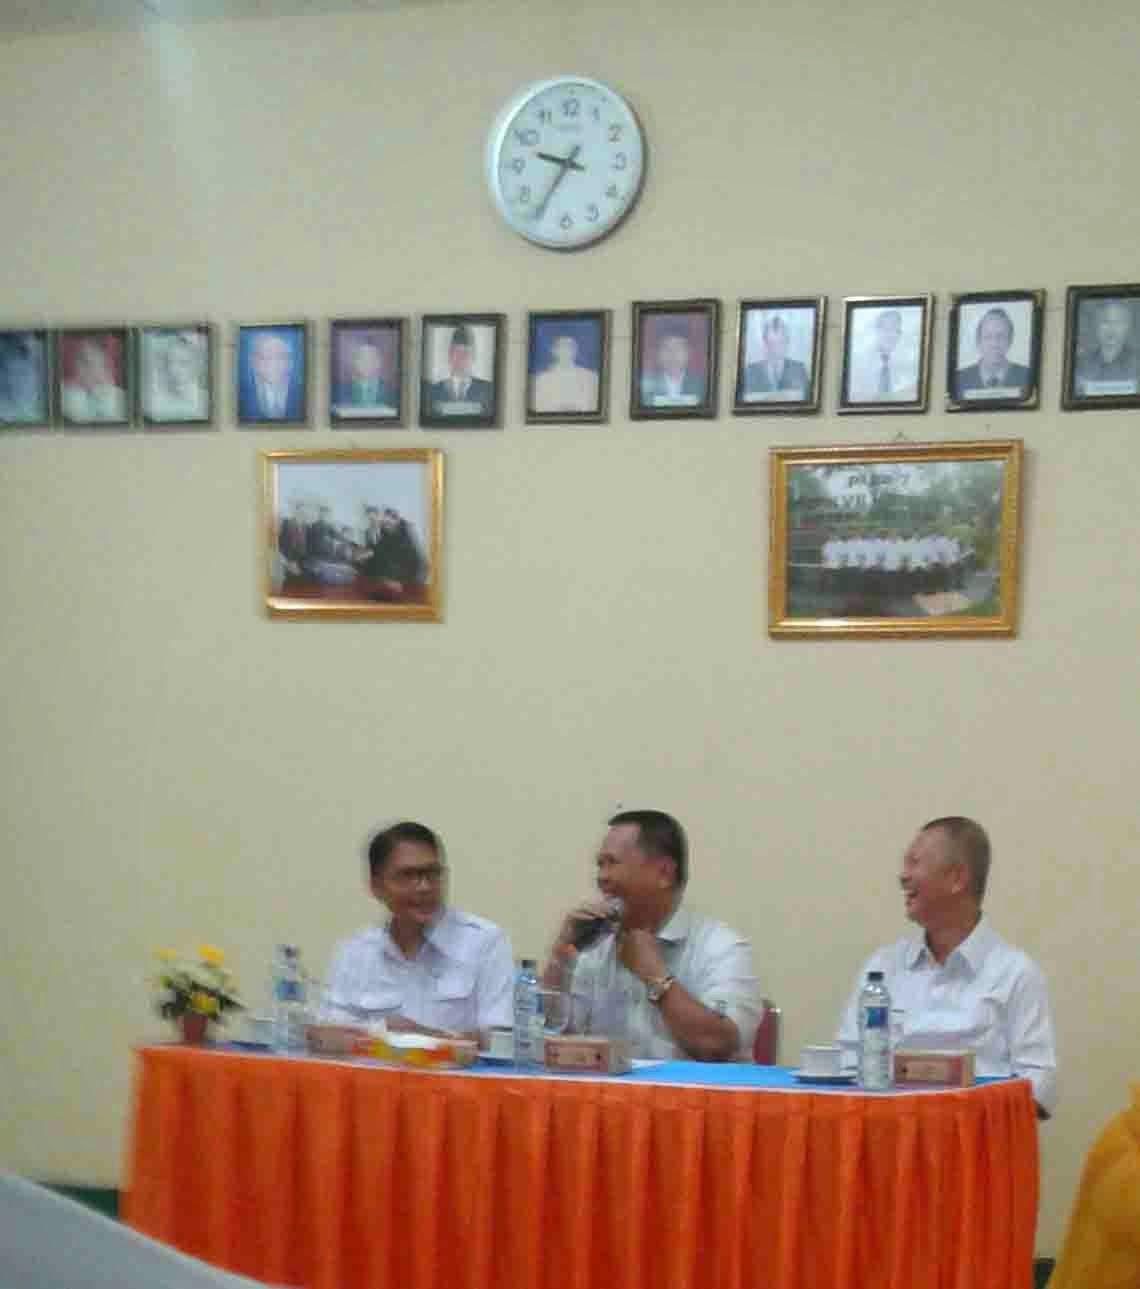 Berita Kumis Kucing-Sambutan General Manajer PTPN 7 Banyuasin